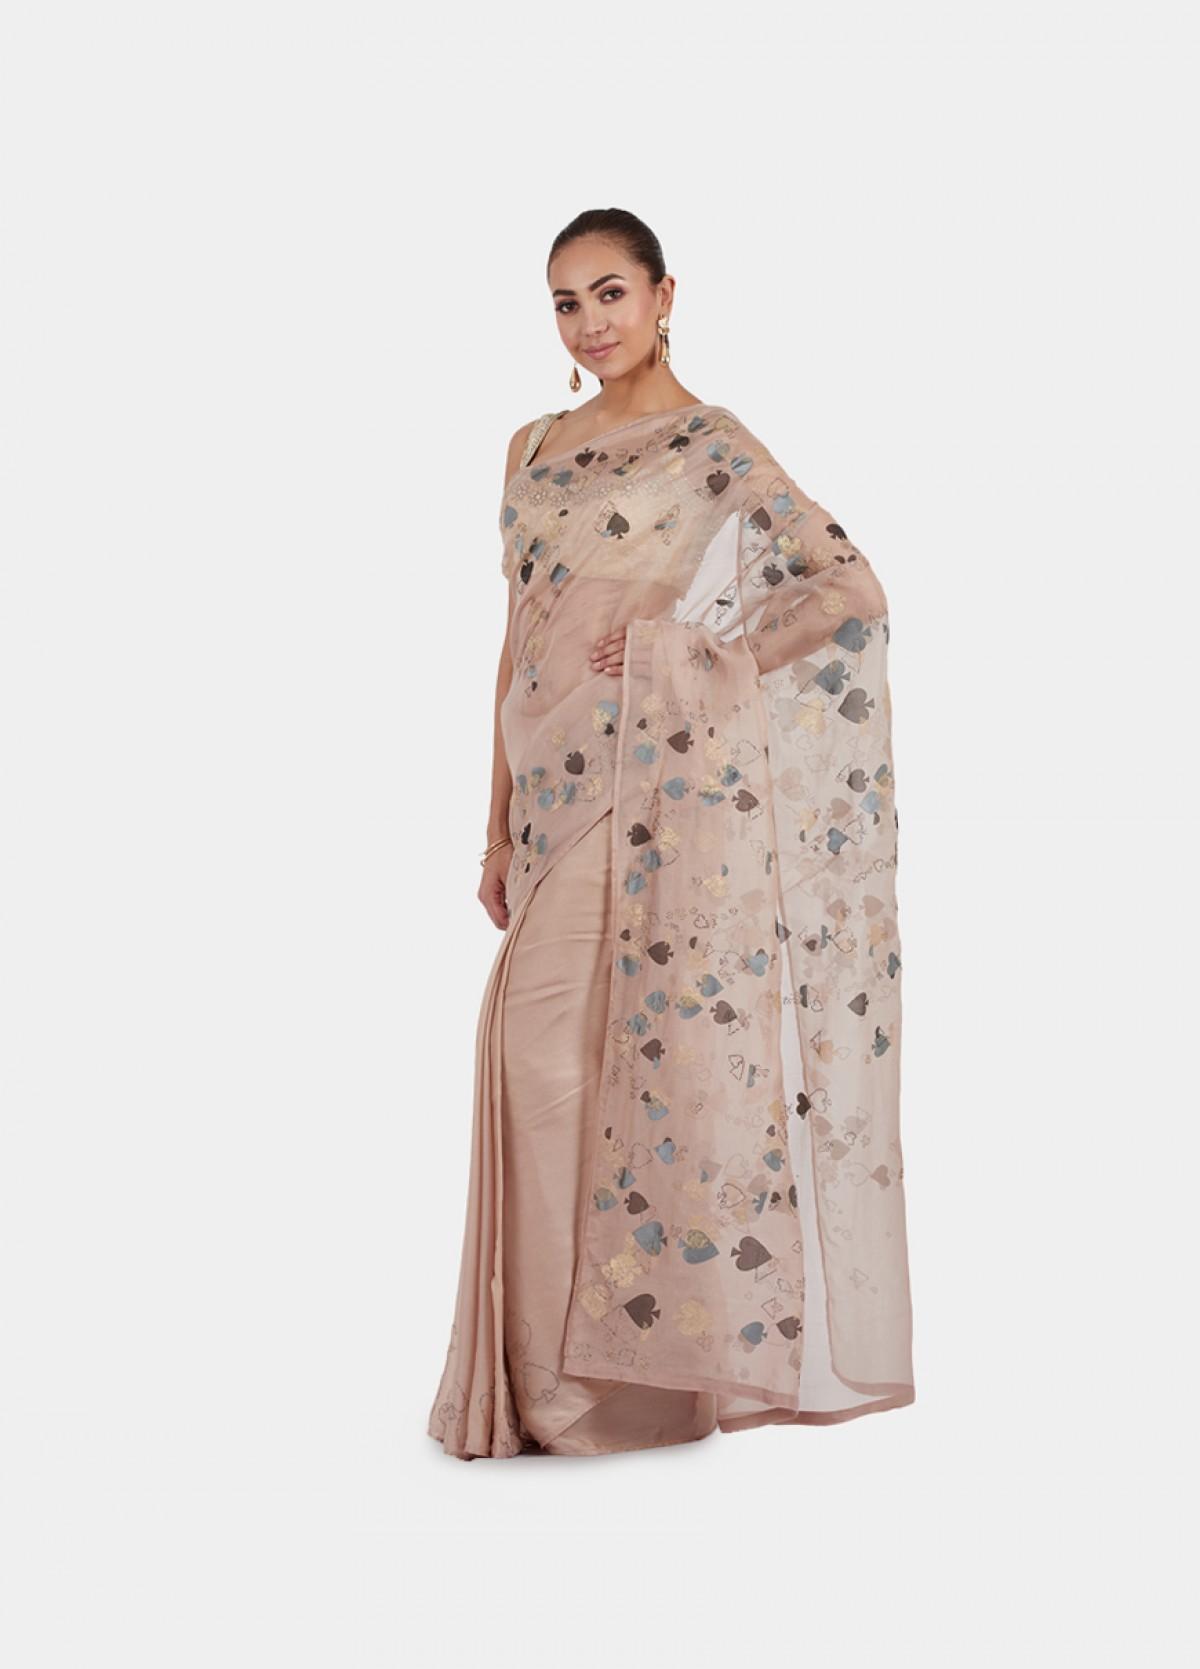 The Glitzy Spade Sari